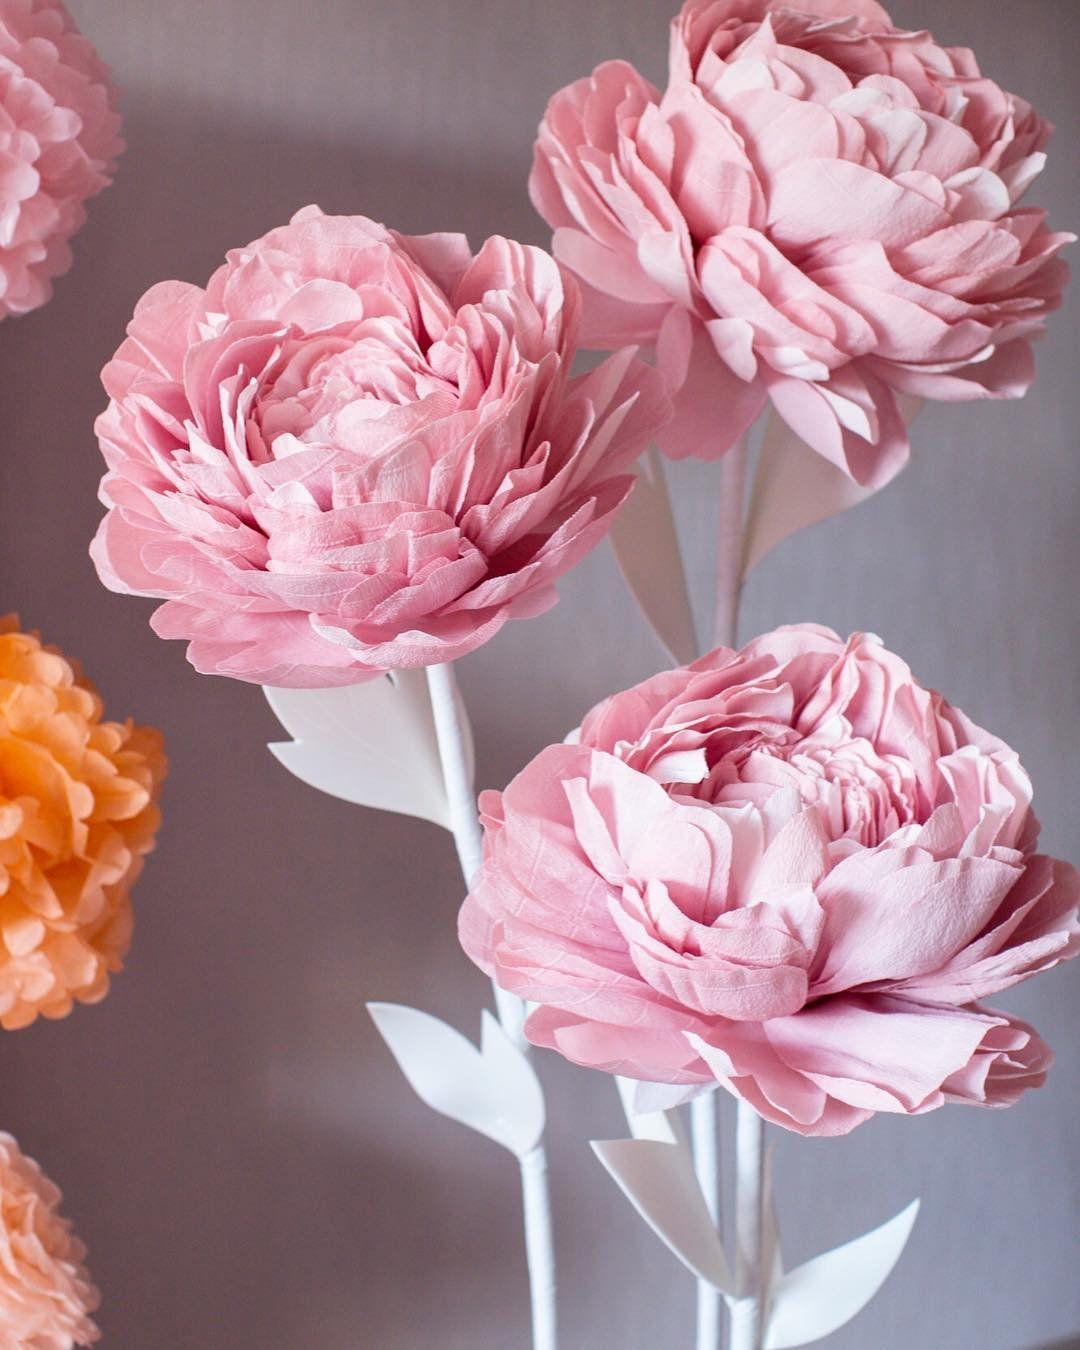 из каких салфеток делать цветы пионы фото некоторых армиях